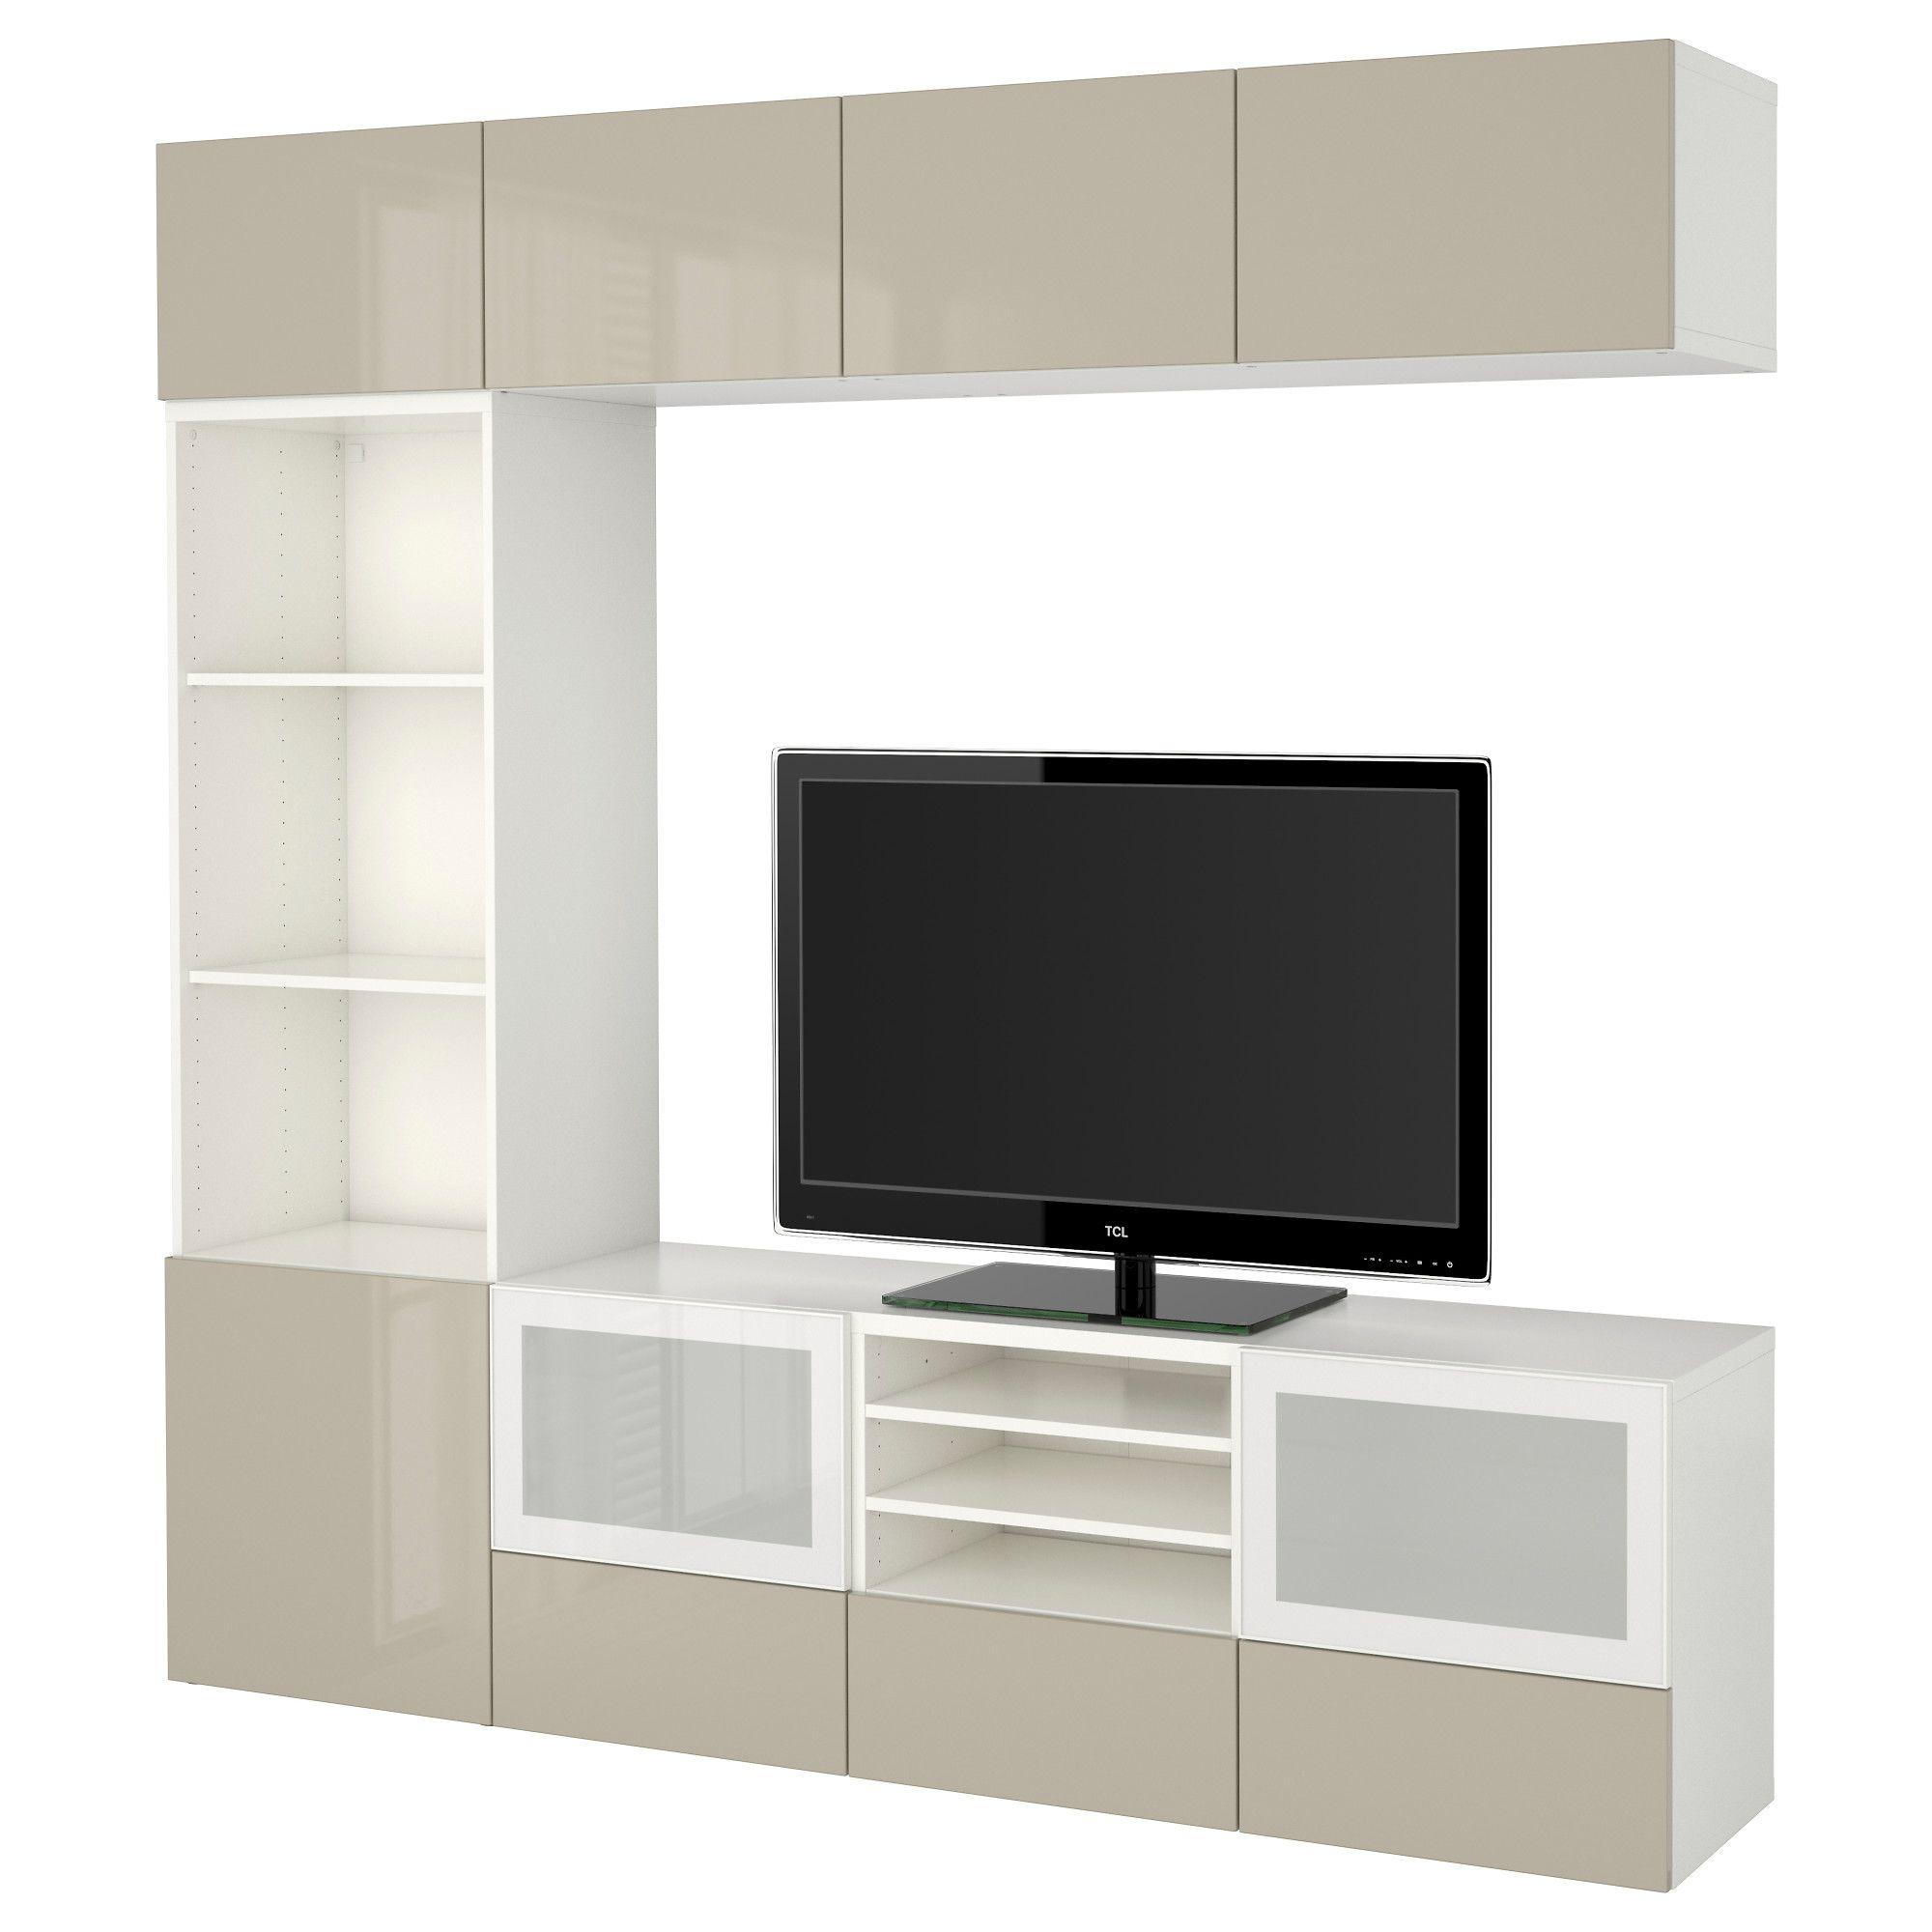 Ikea Vitrinentür bestå tv komb mit vitrinentüren weiß jetzt bestellen unter https